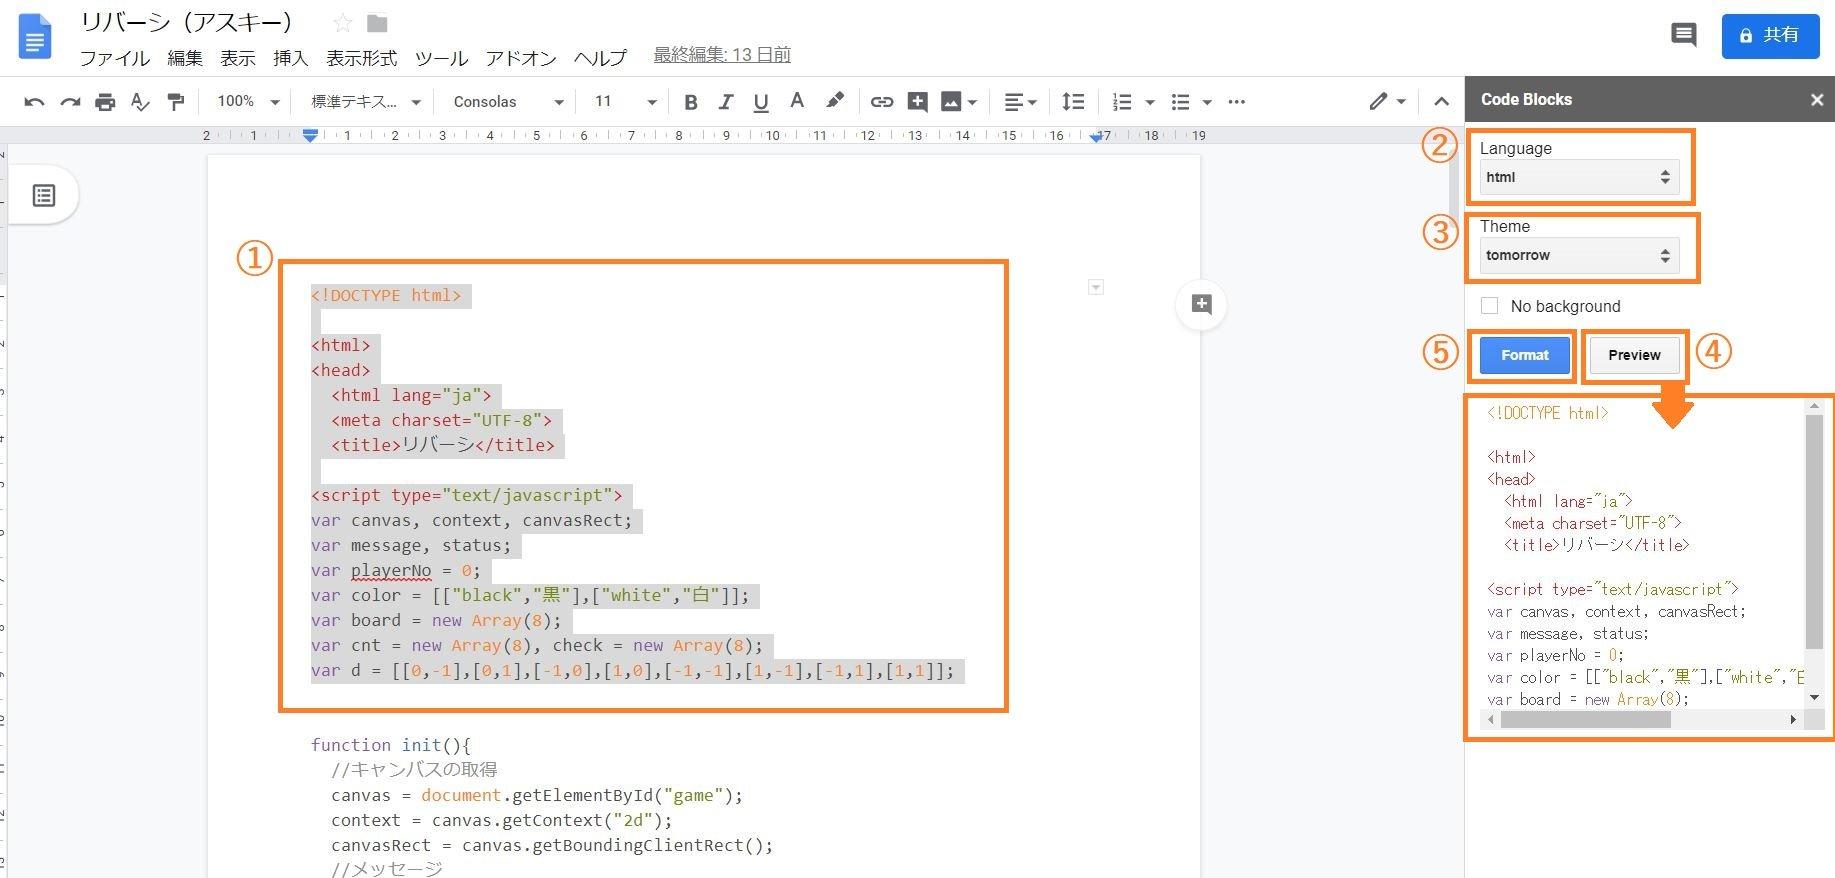 Code Blocks Preview